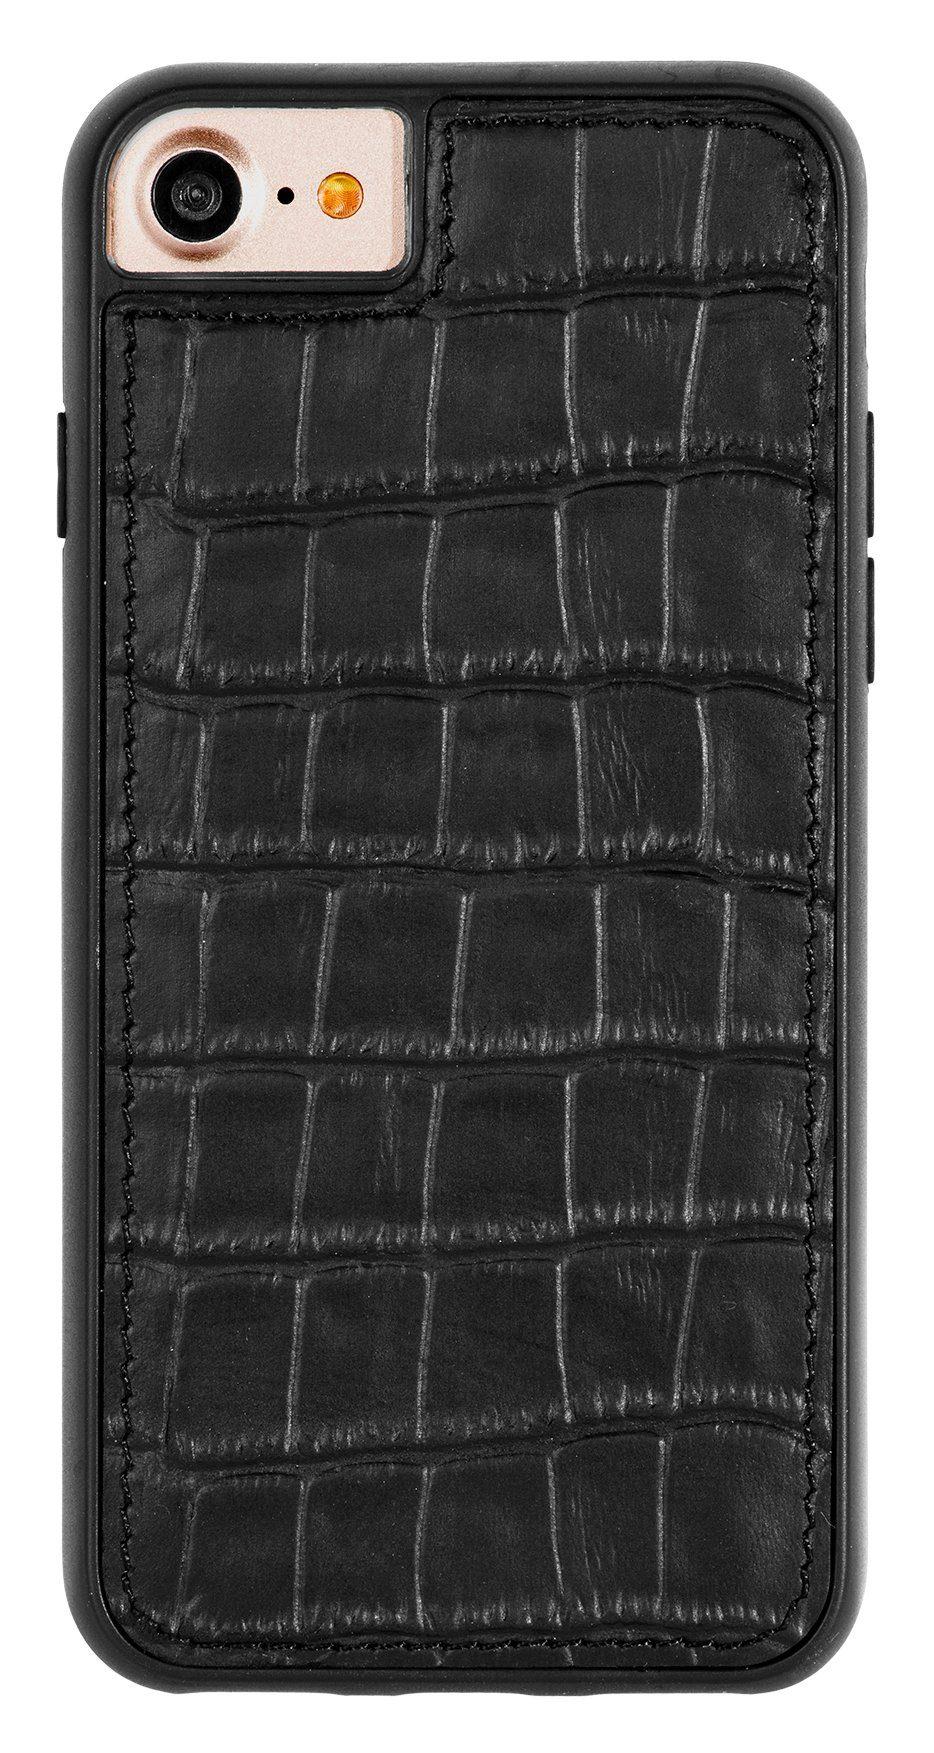 Scutes Deluxe GSM - Zubehör »Schutzhülle Croco schwarz - iPhone 6+7«